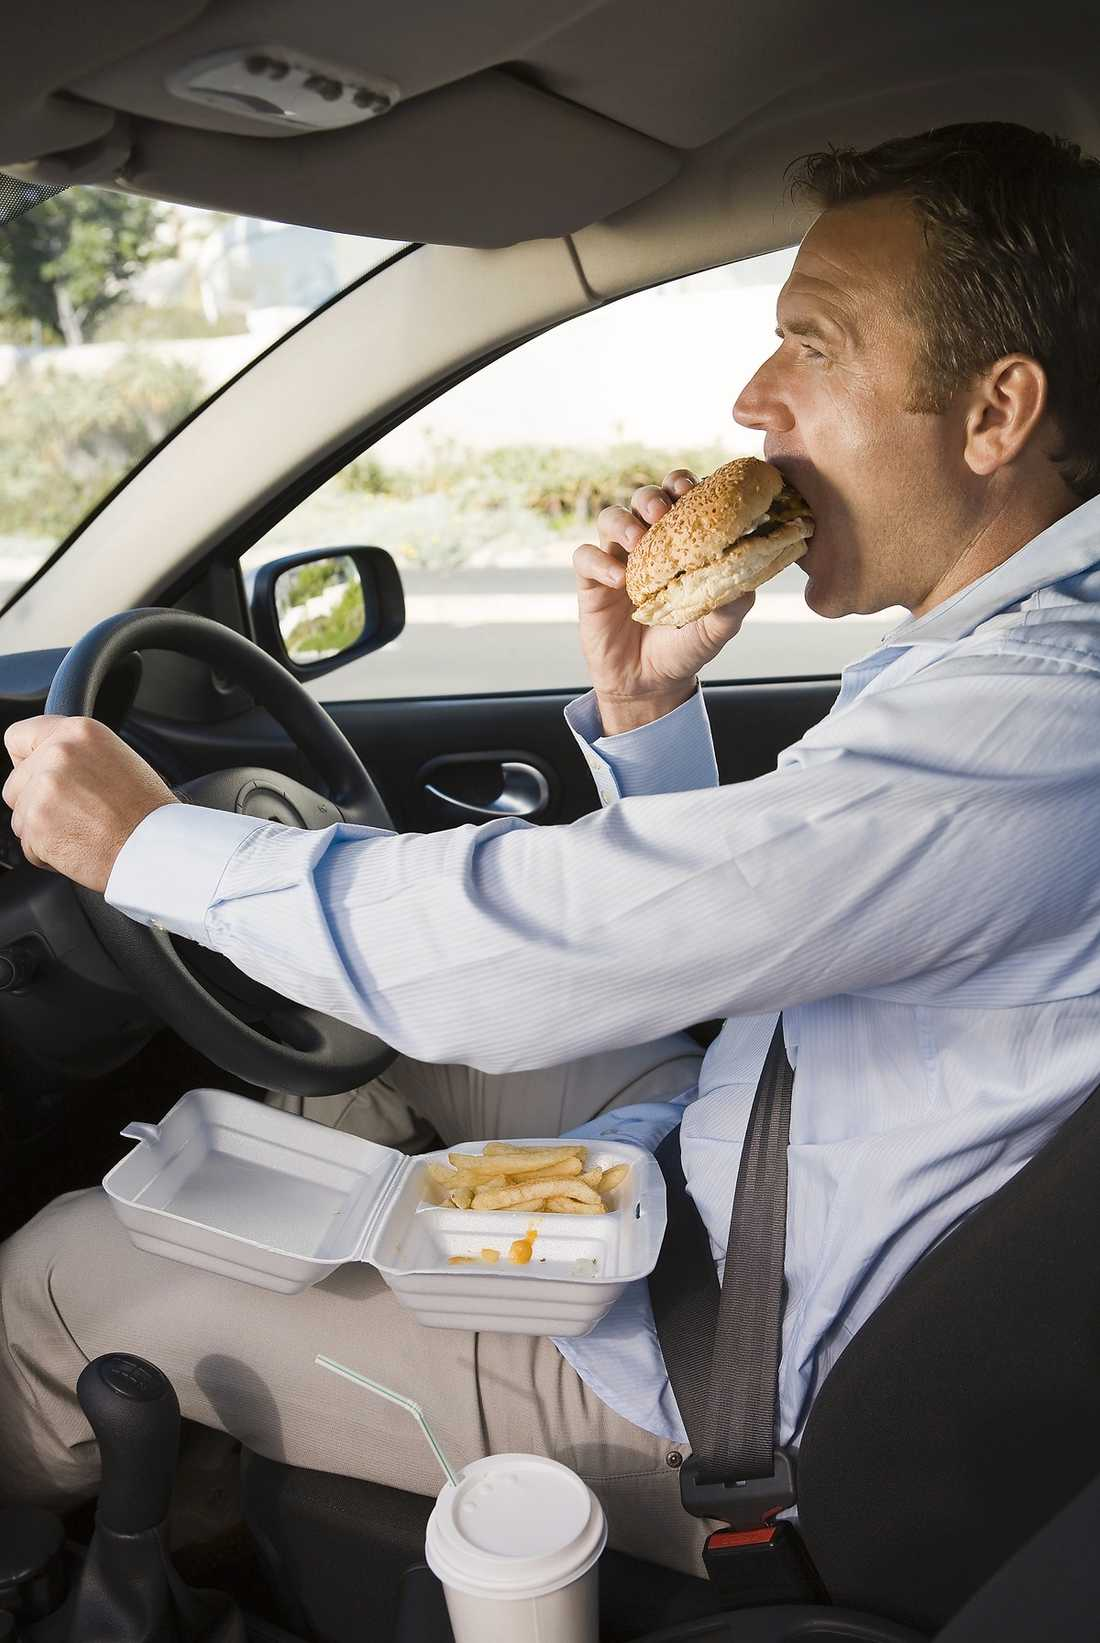 Skitbråttom Din bilratt kan innehålla upp till nio gånger så mycket bakterier som ringen på din toalett, enligt en ny brittisk undersökning. Detta hindrar inte 42 procent av bilförarna att regelbundet inta sin lunch eller middag i förarsätet, enligt samma undersökning.